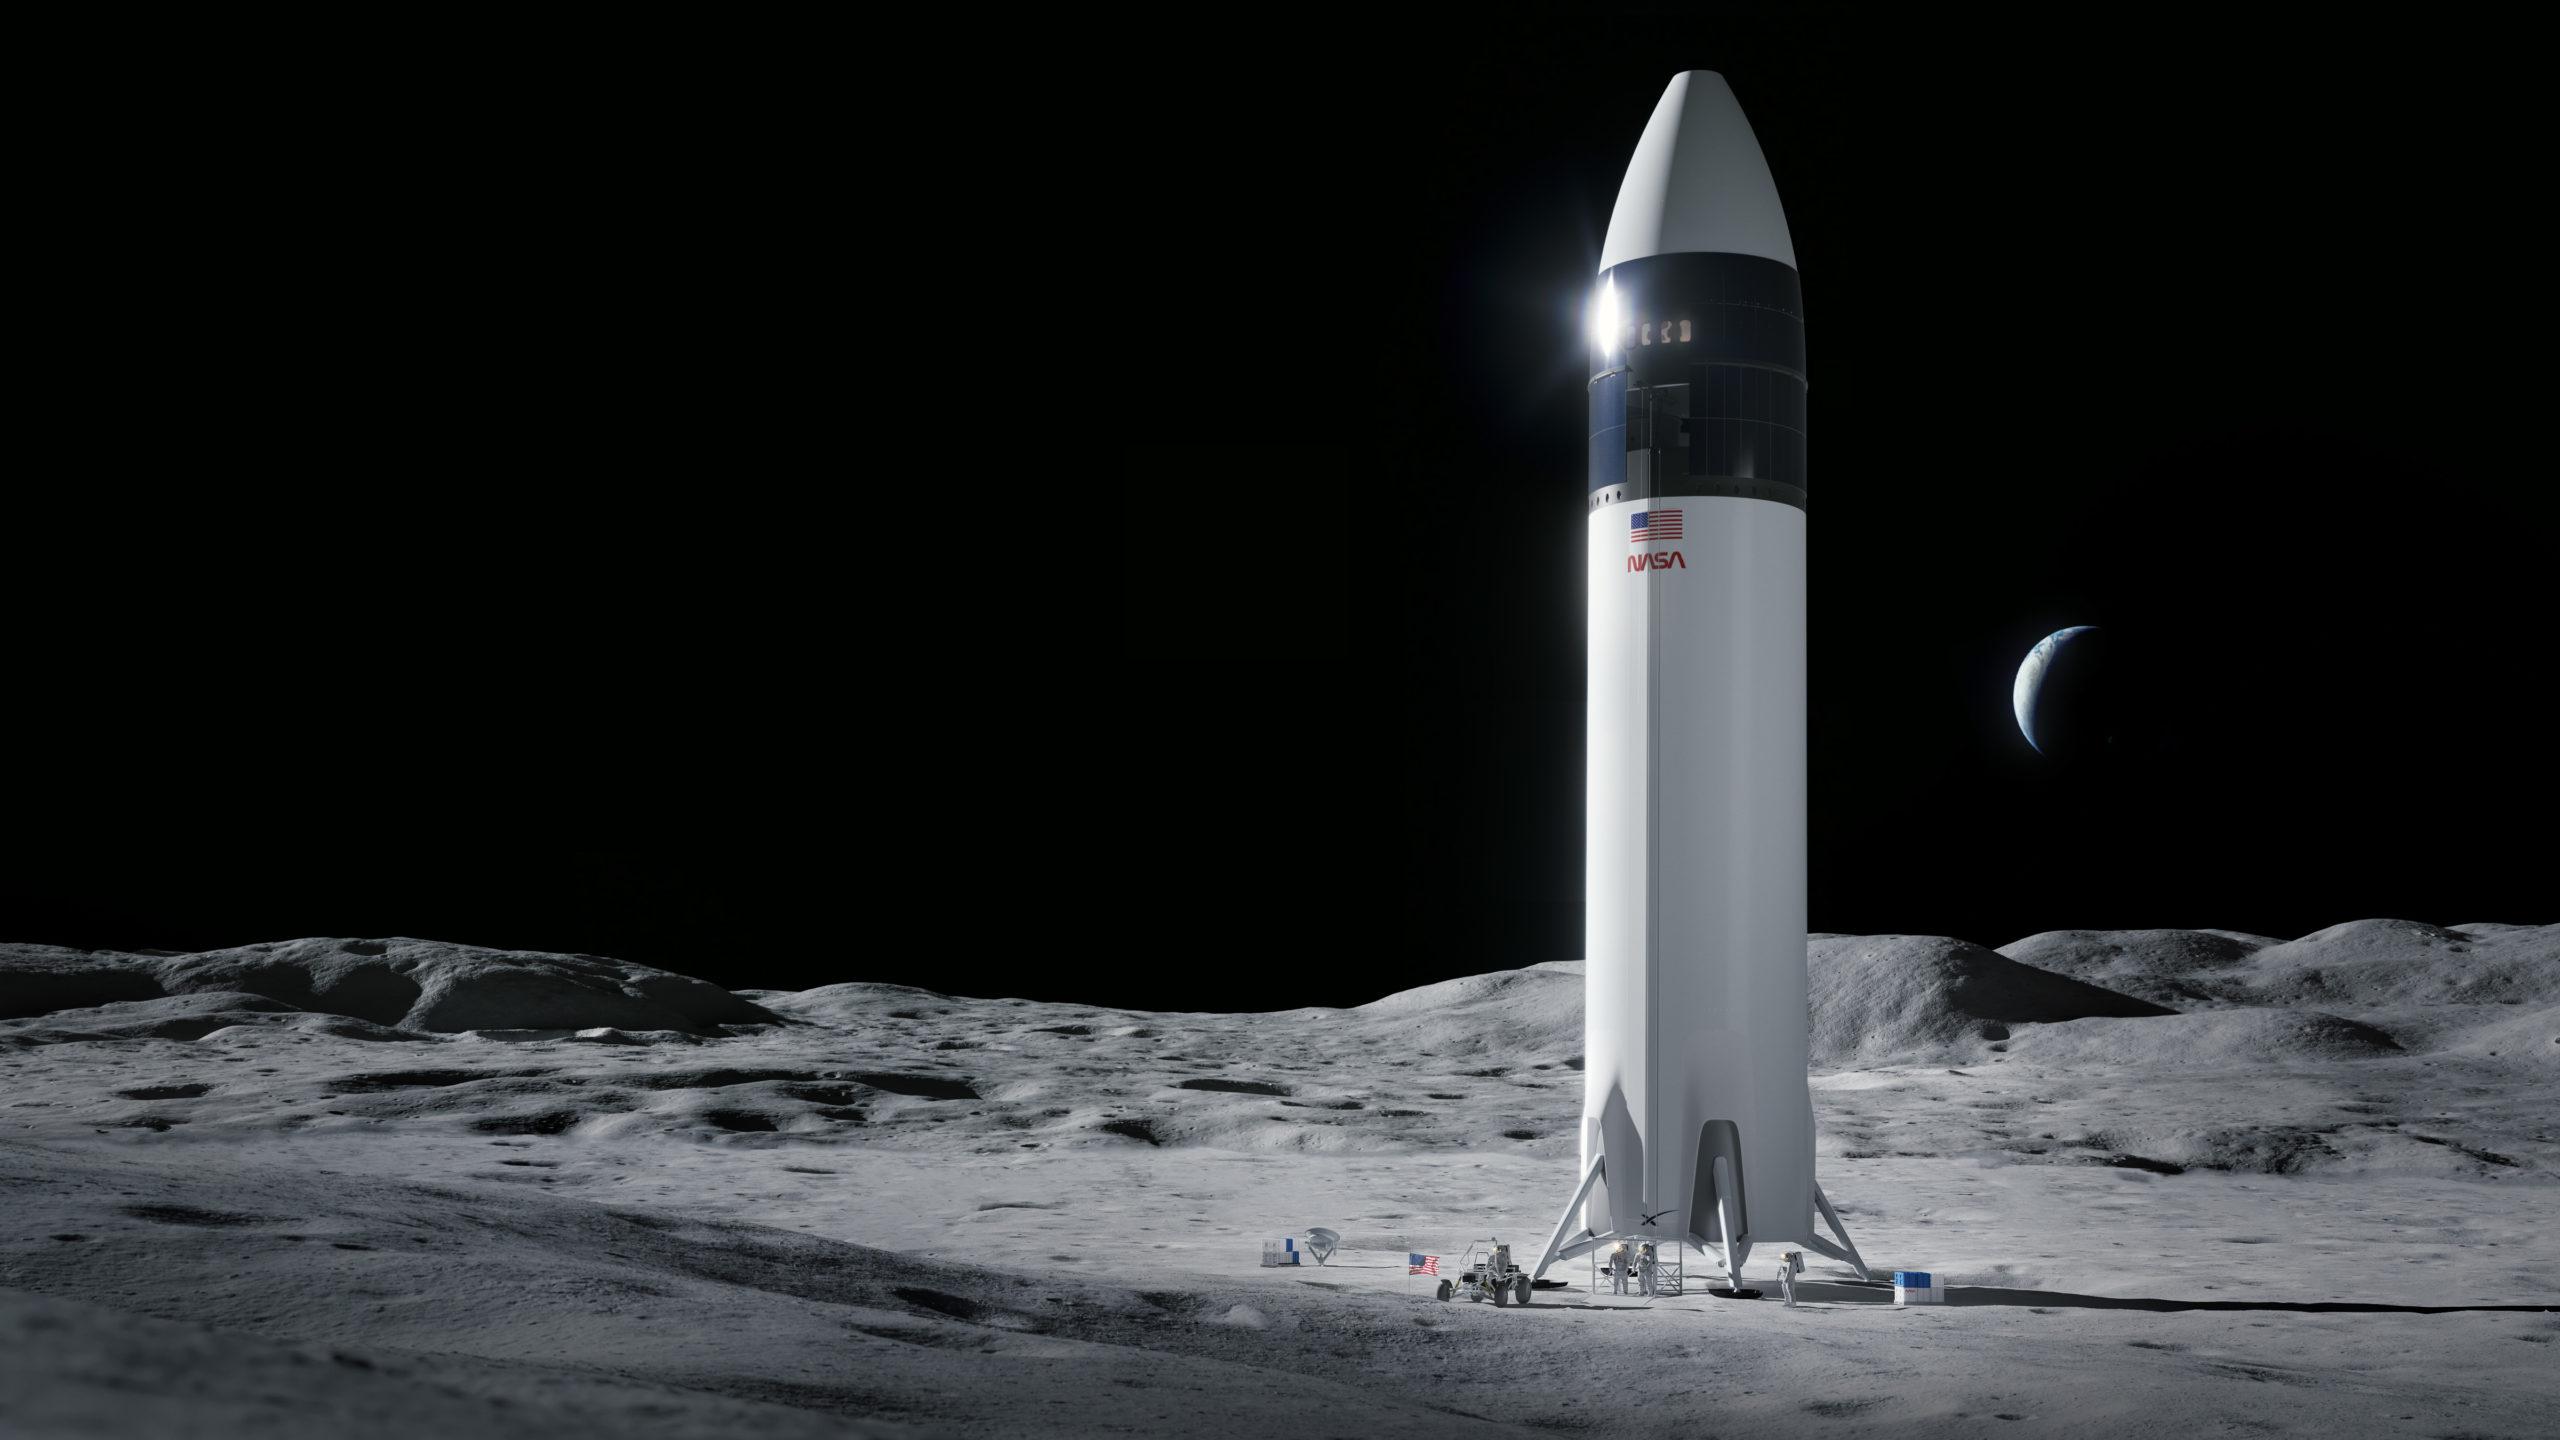 La NASA elige la Starship como el módulo lunar del programa Artemisa -  Eureka